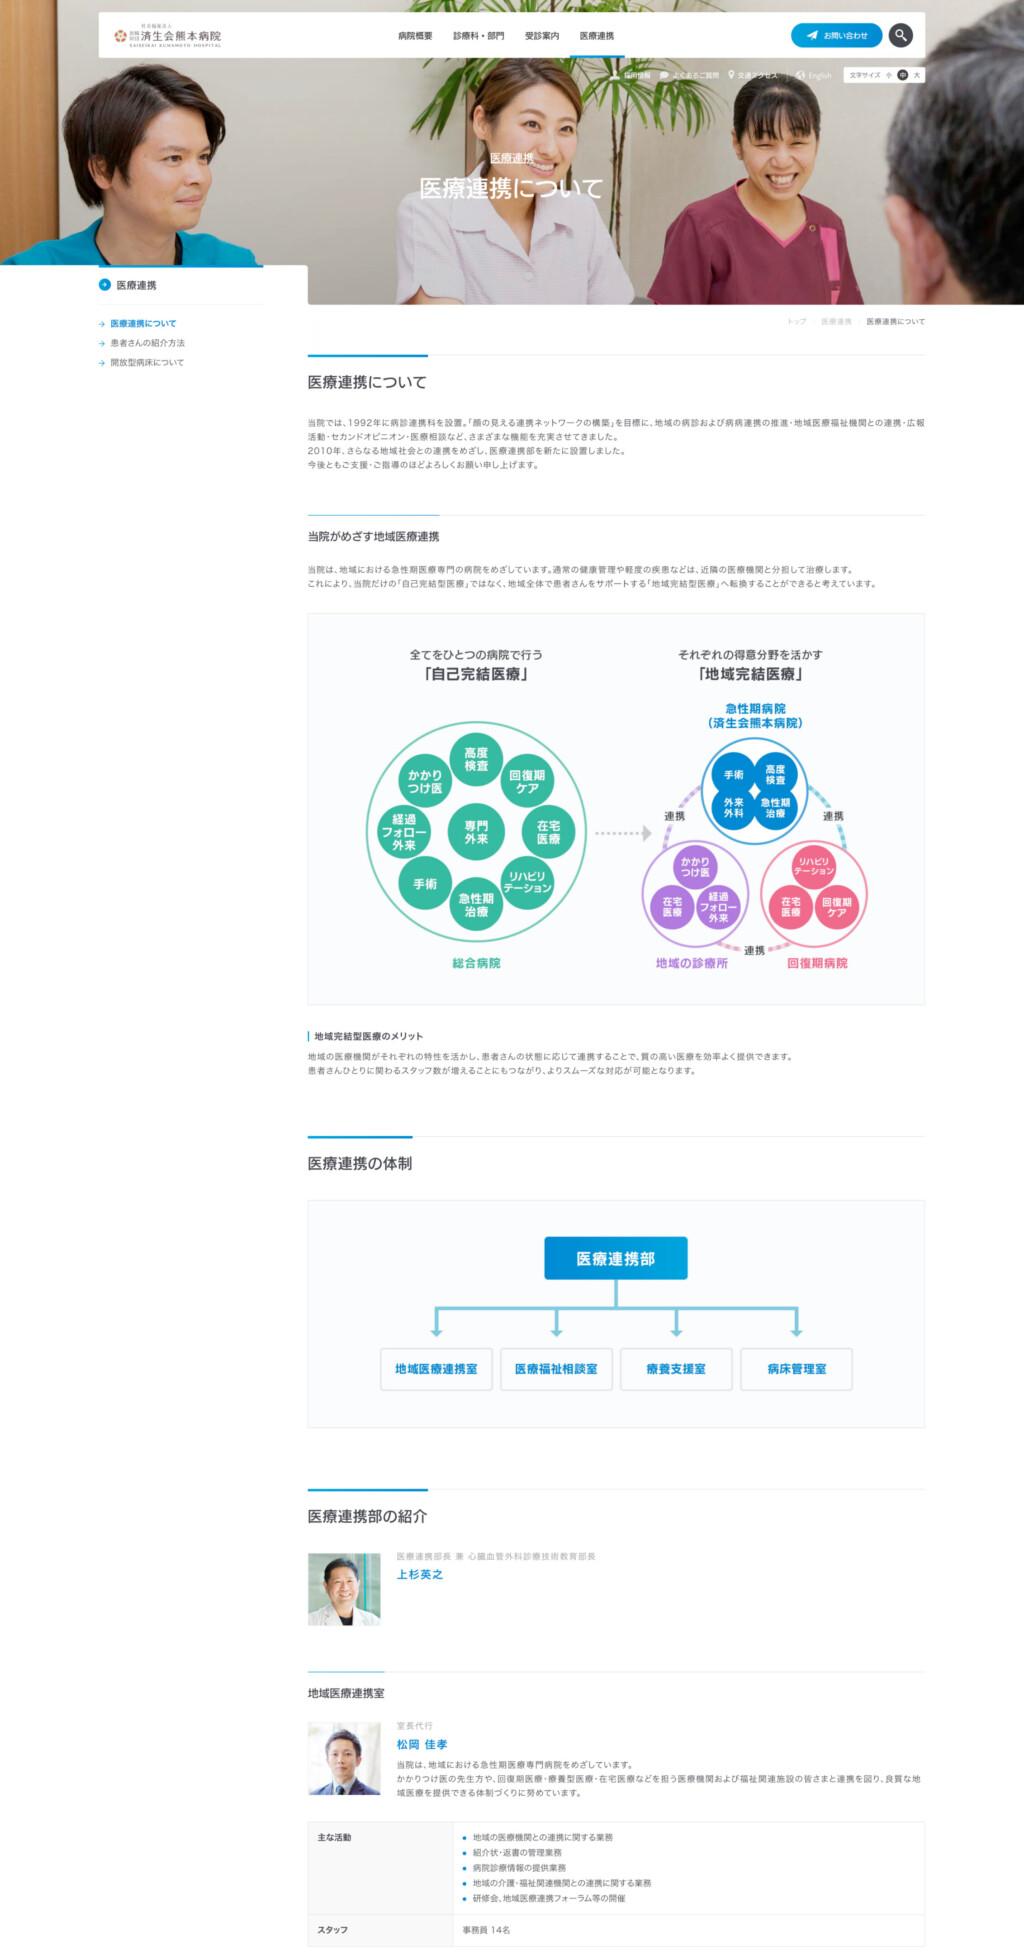 済生会熊本病院サイトのパソコン表示